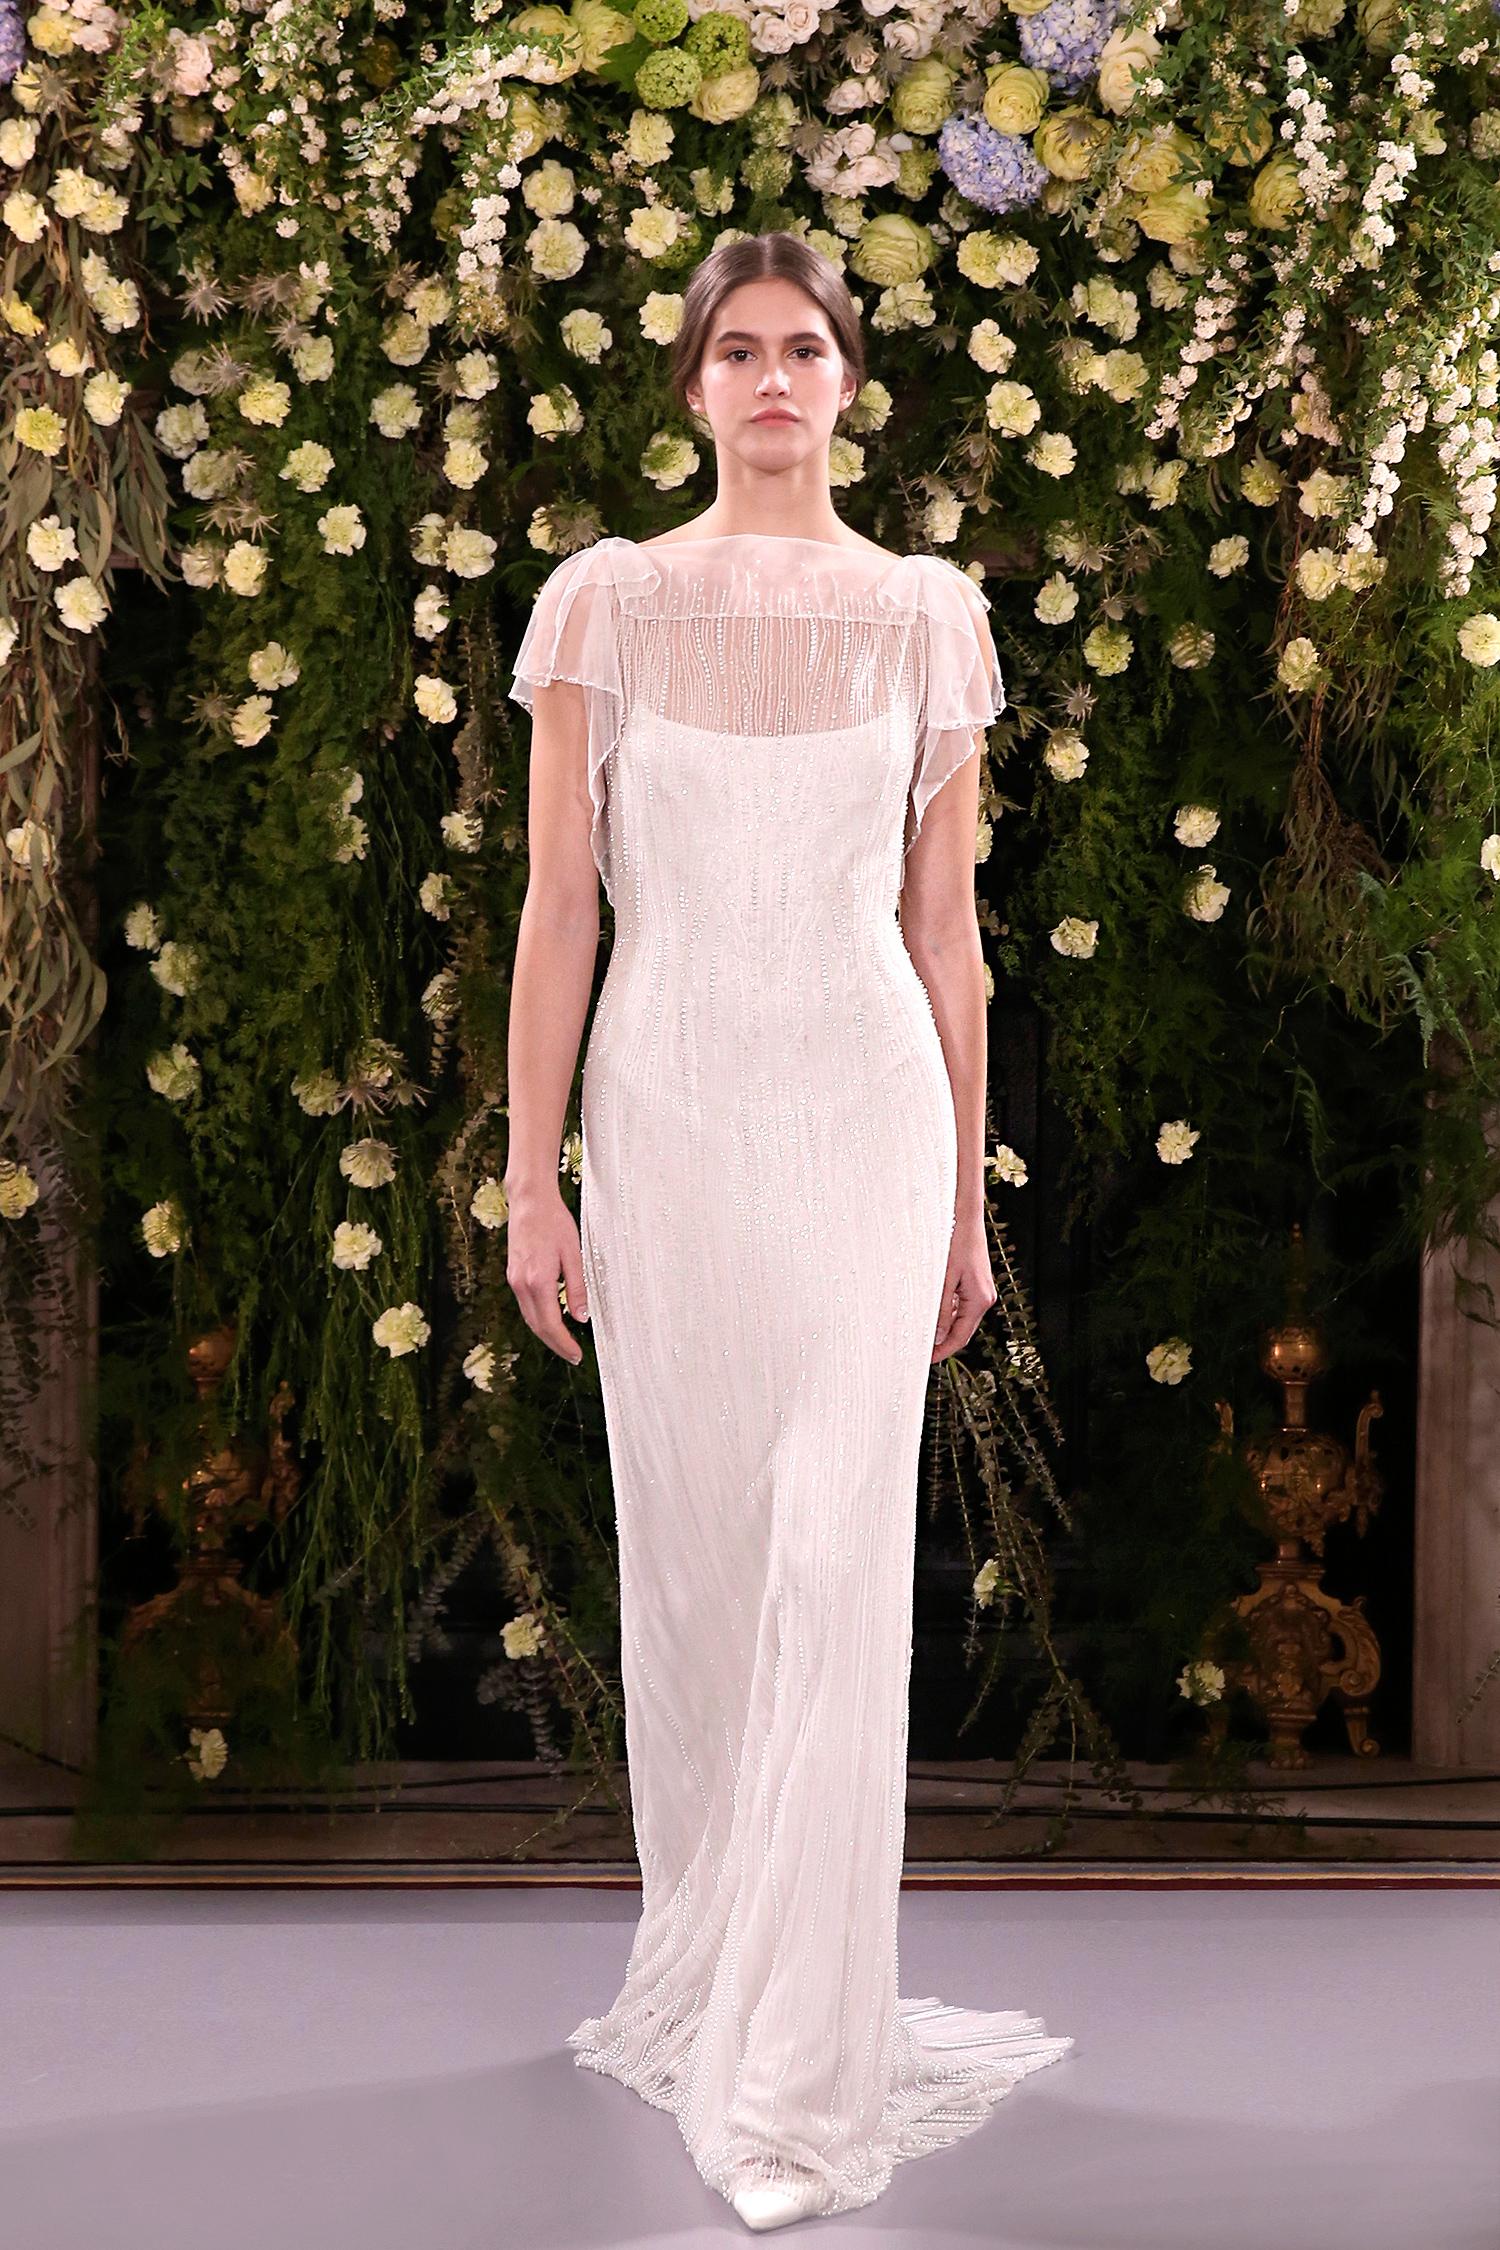 jenny packham wedding dress spring 2019 embellished bodice overlay